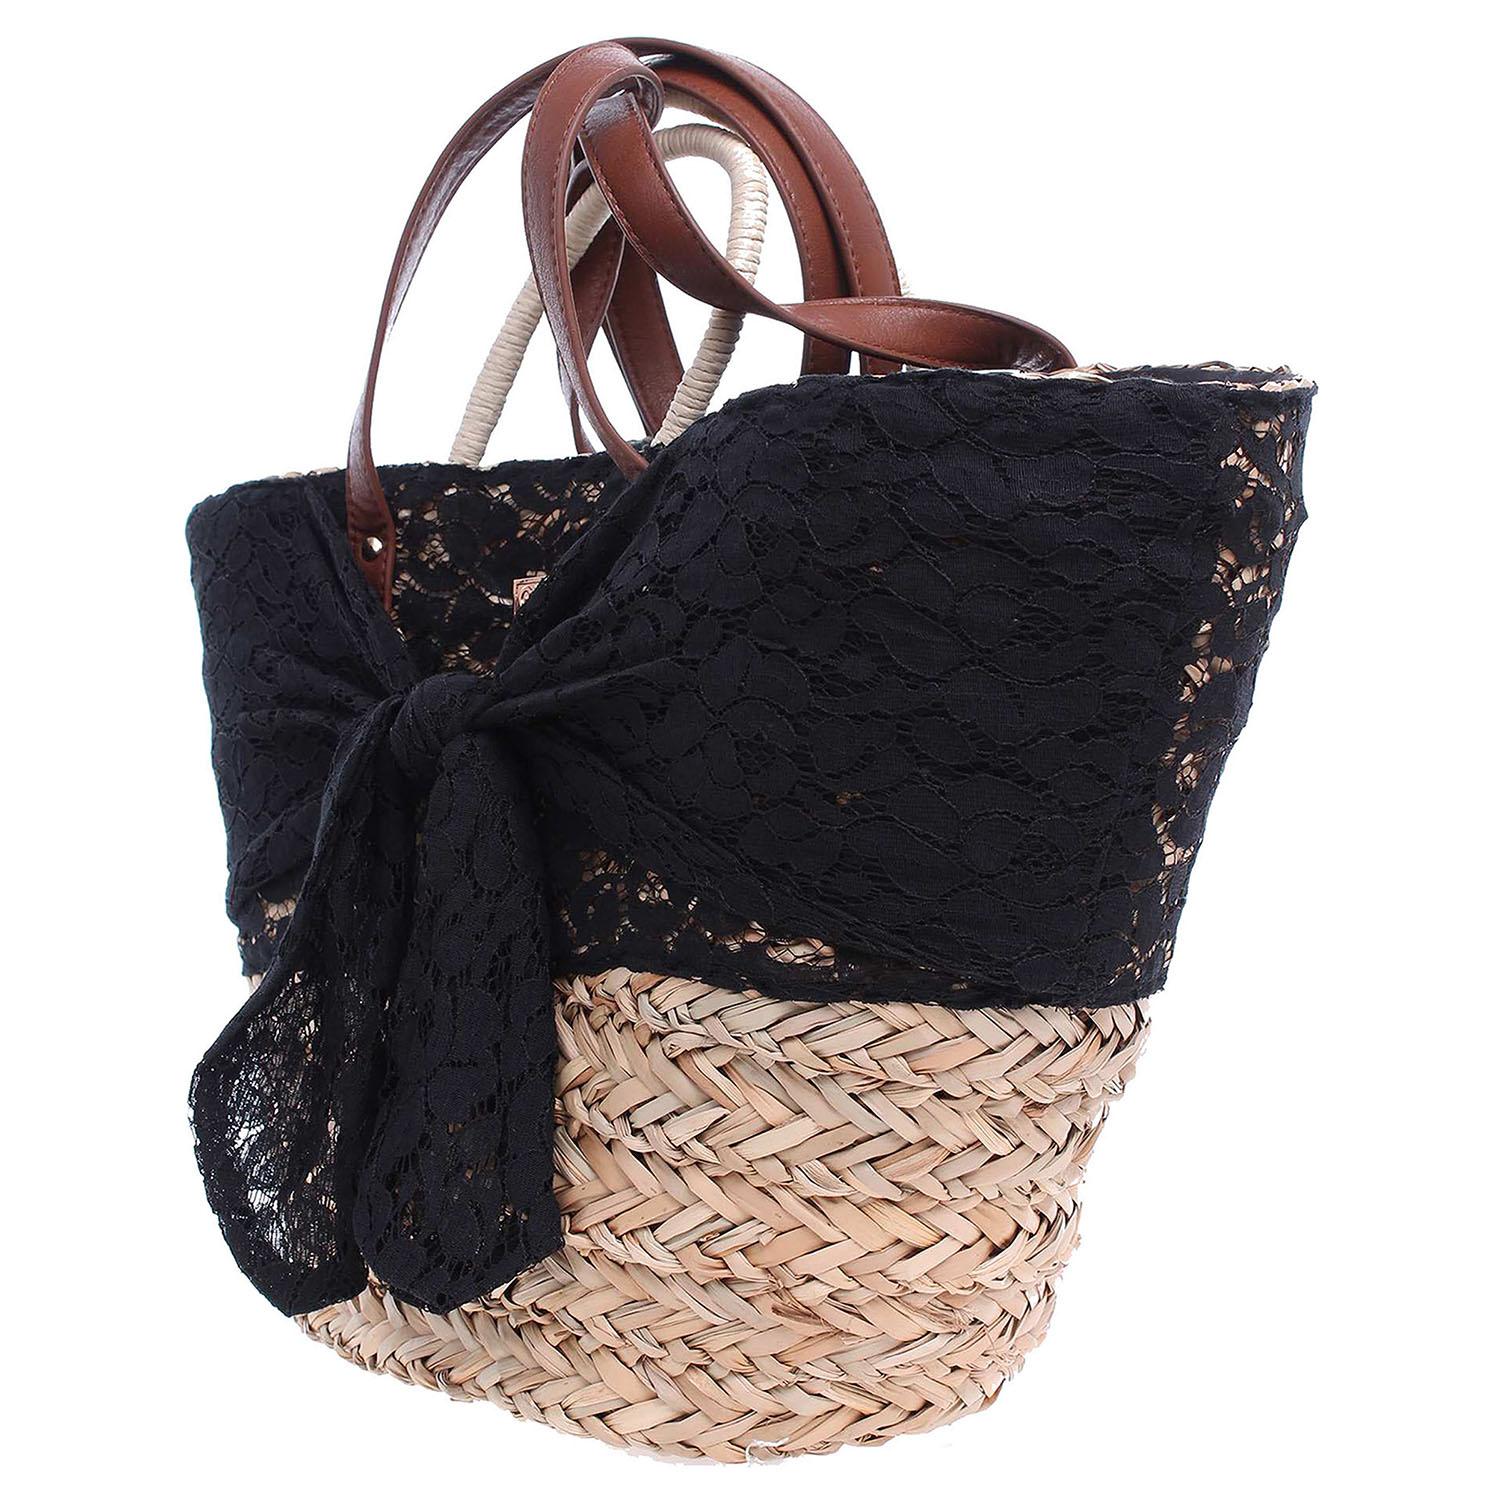 Ecco Gioseppo Bernice dámská kabelka černá-béžová 11890983